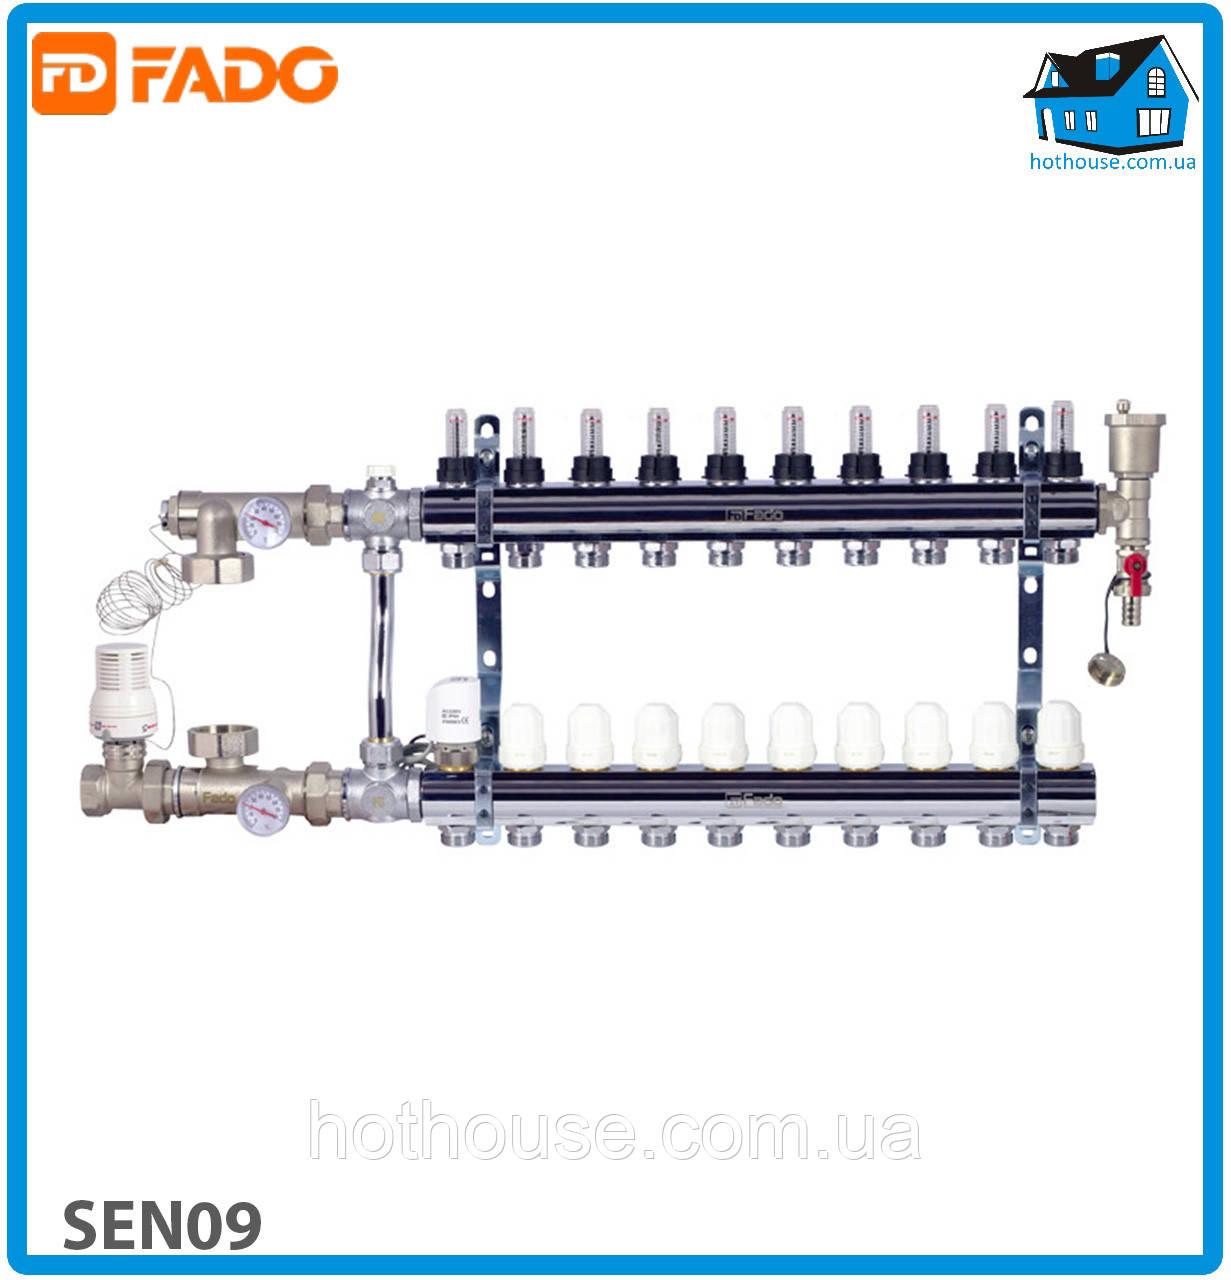 Комплект для подключения системы теплый пол FADO SEN09 FLOOR 9 выходов